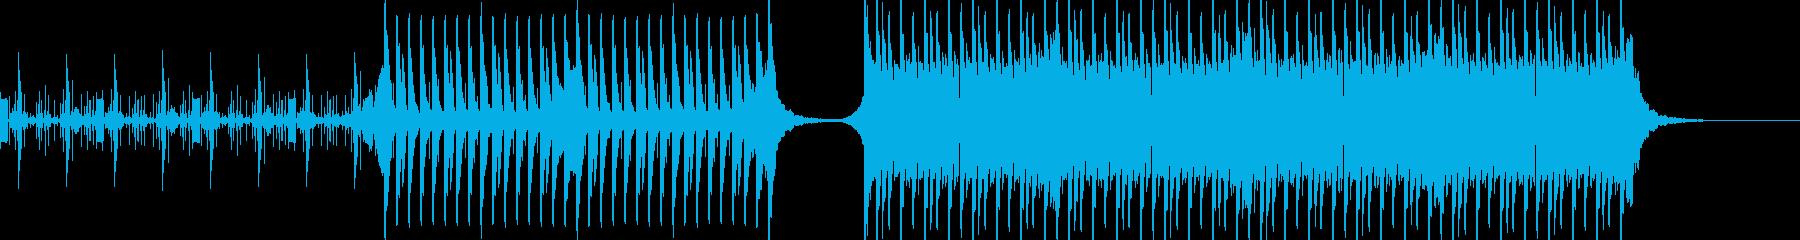 テクノ ハードコア 未来の技術 積...の再生済みの波形